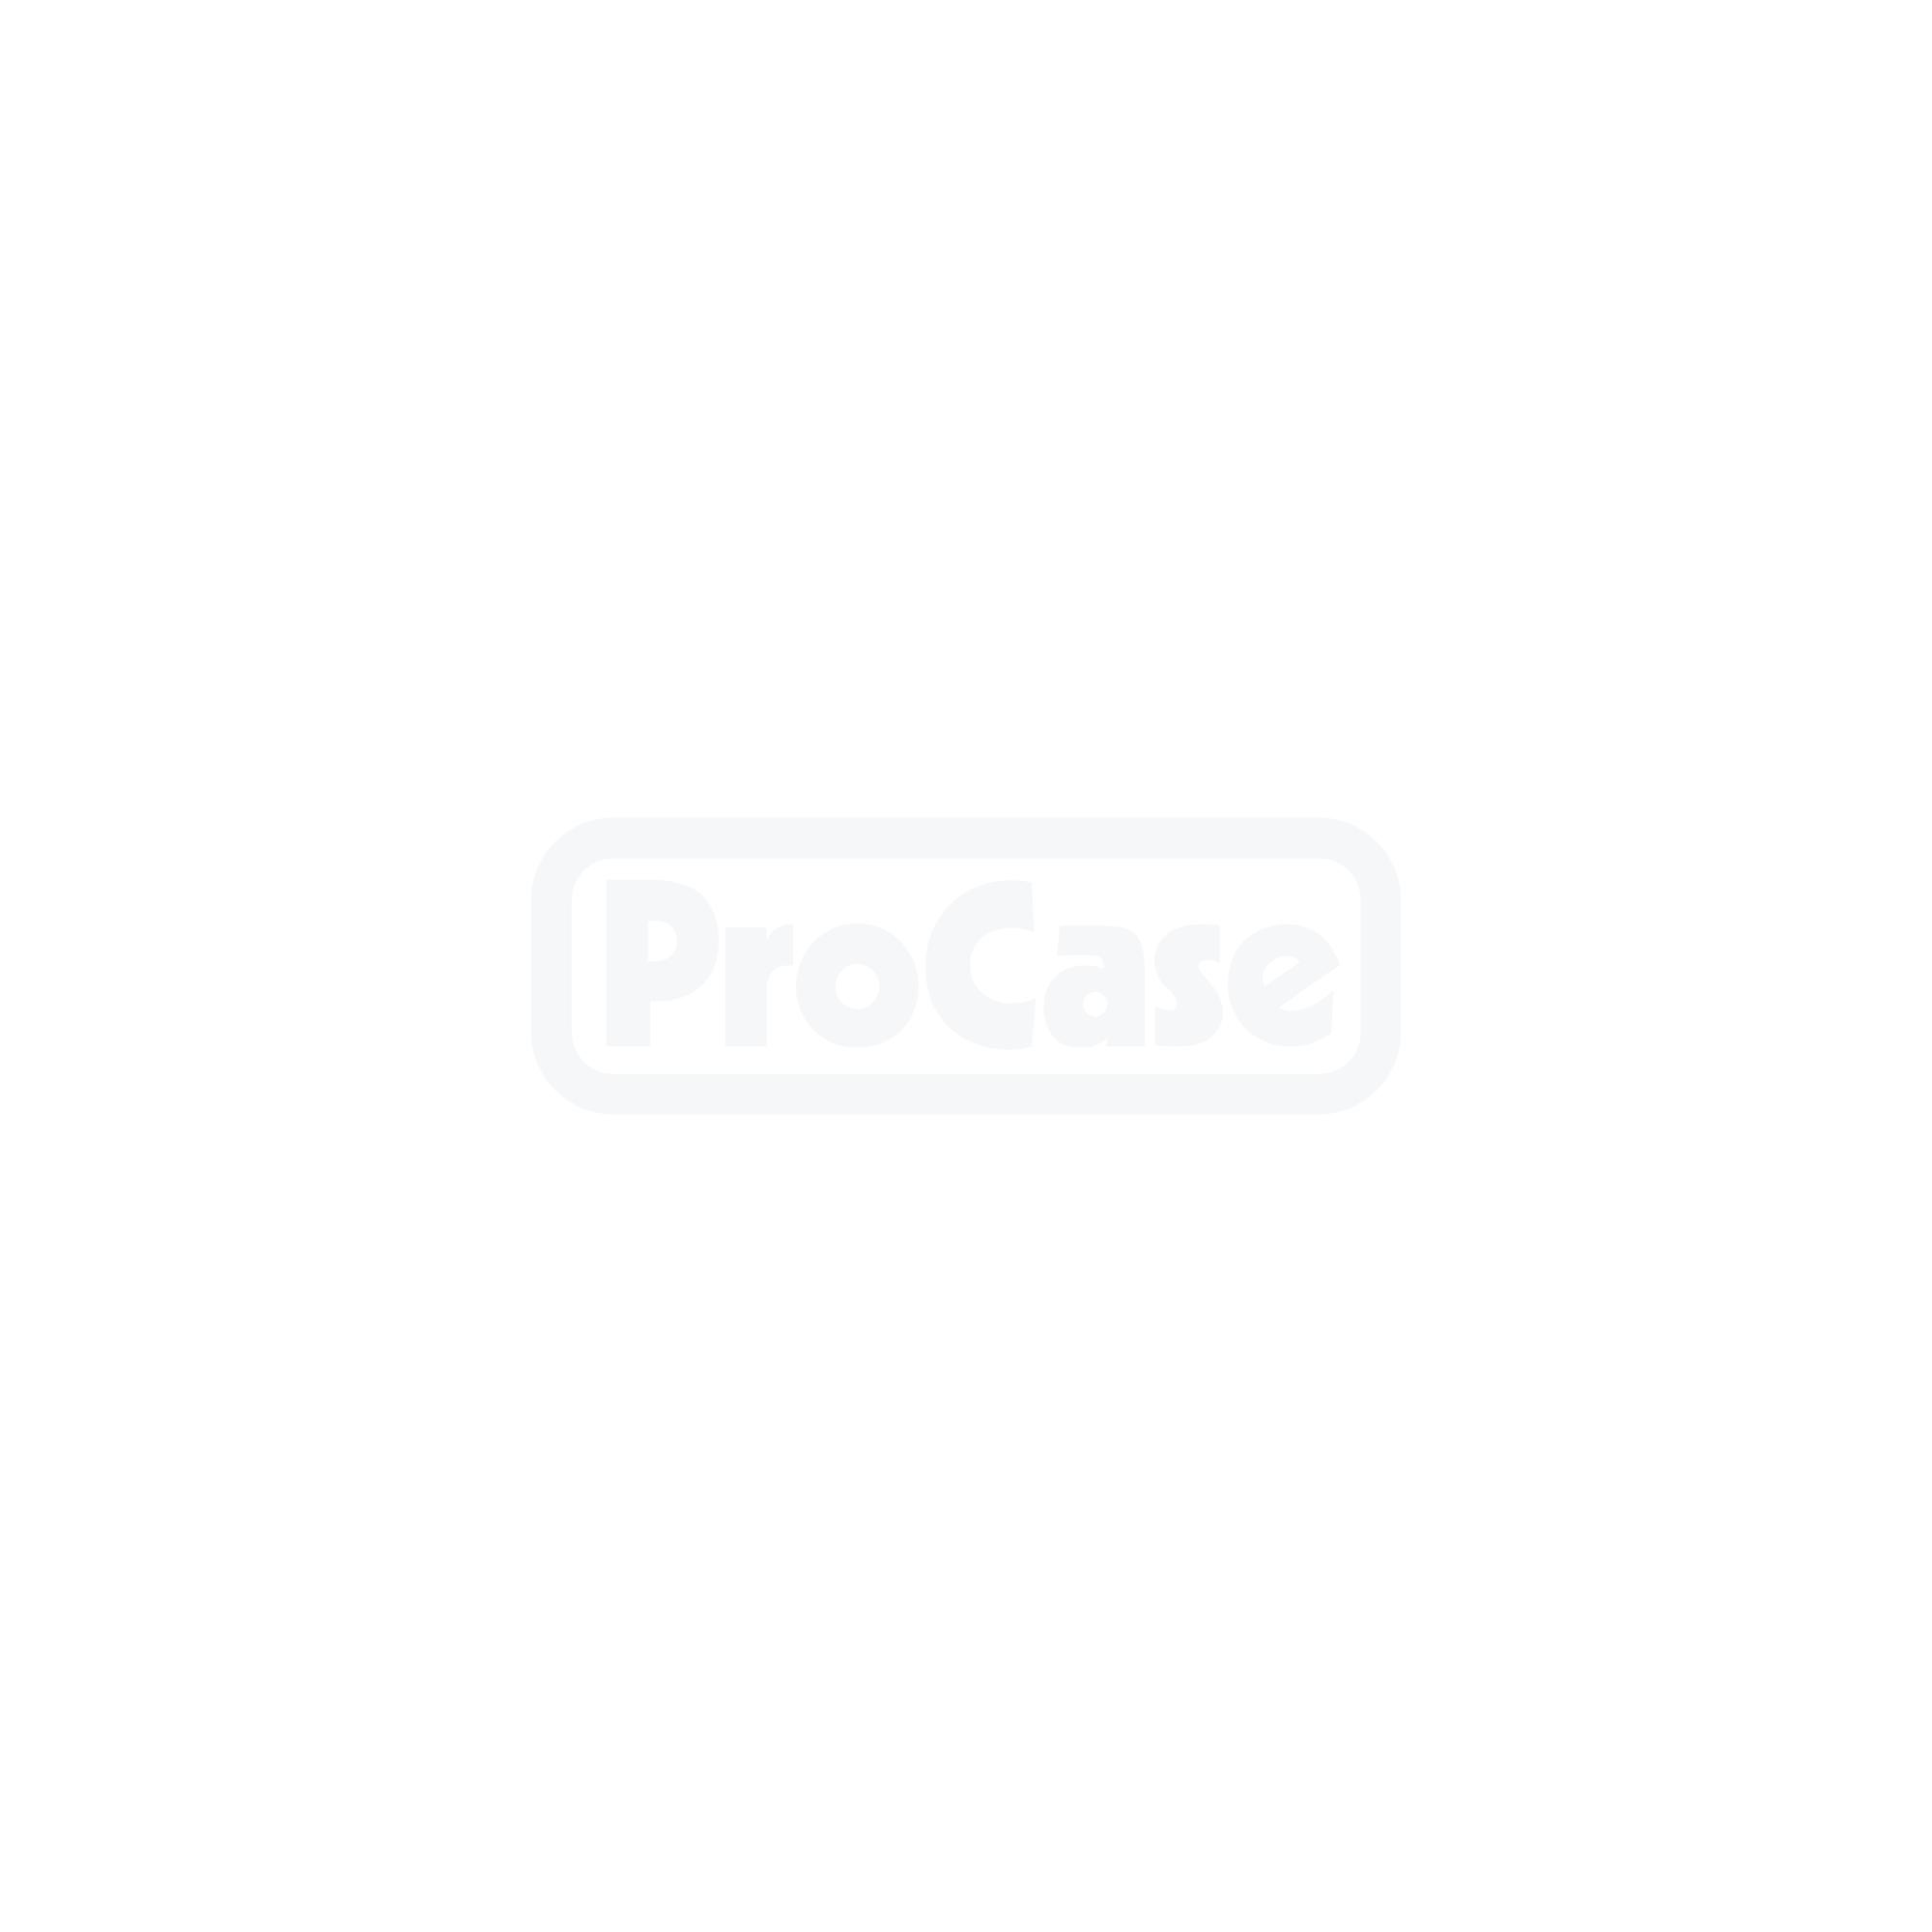 Flightcase für Vari-Lite VL1000/1100 Etagencase Mittelteil 2